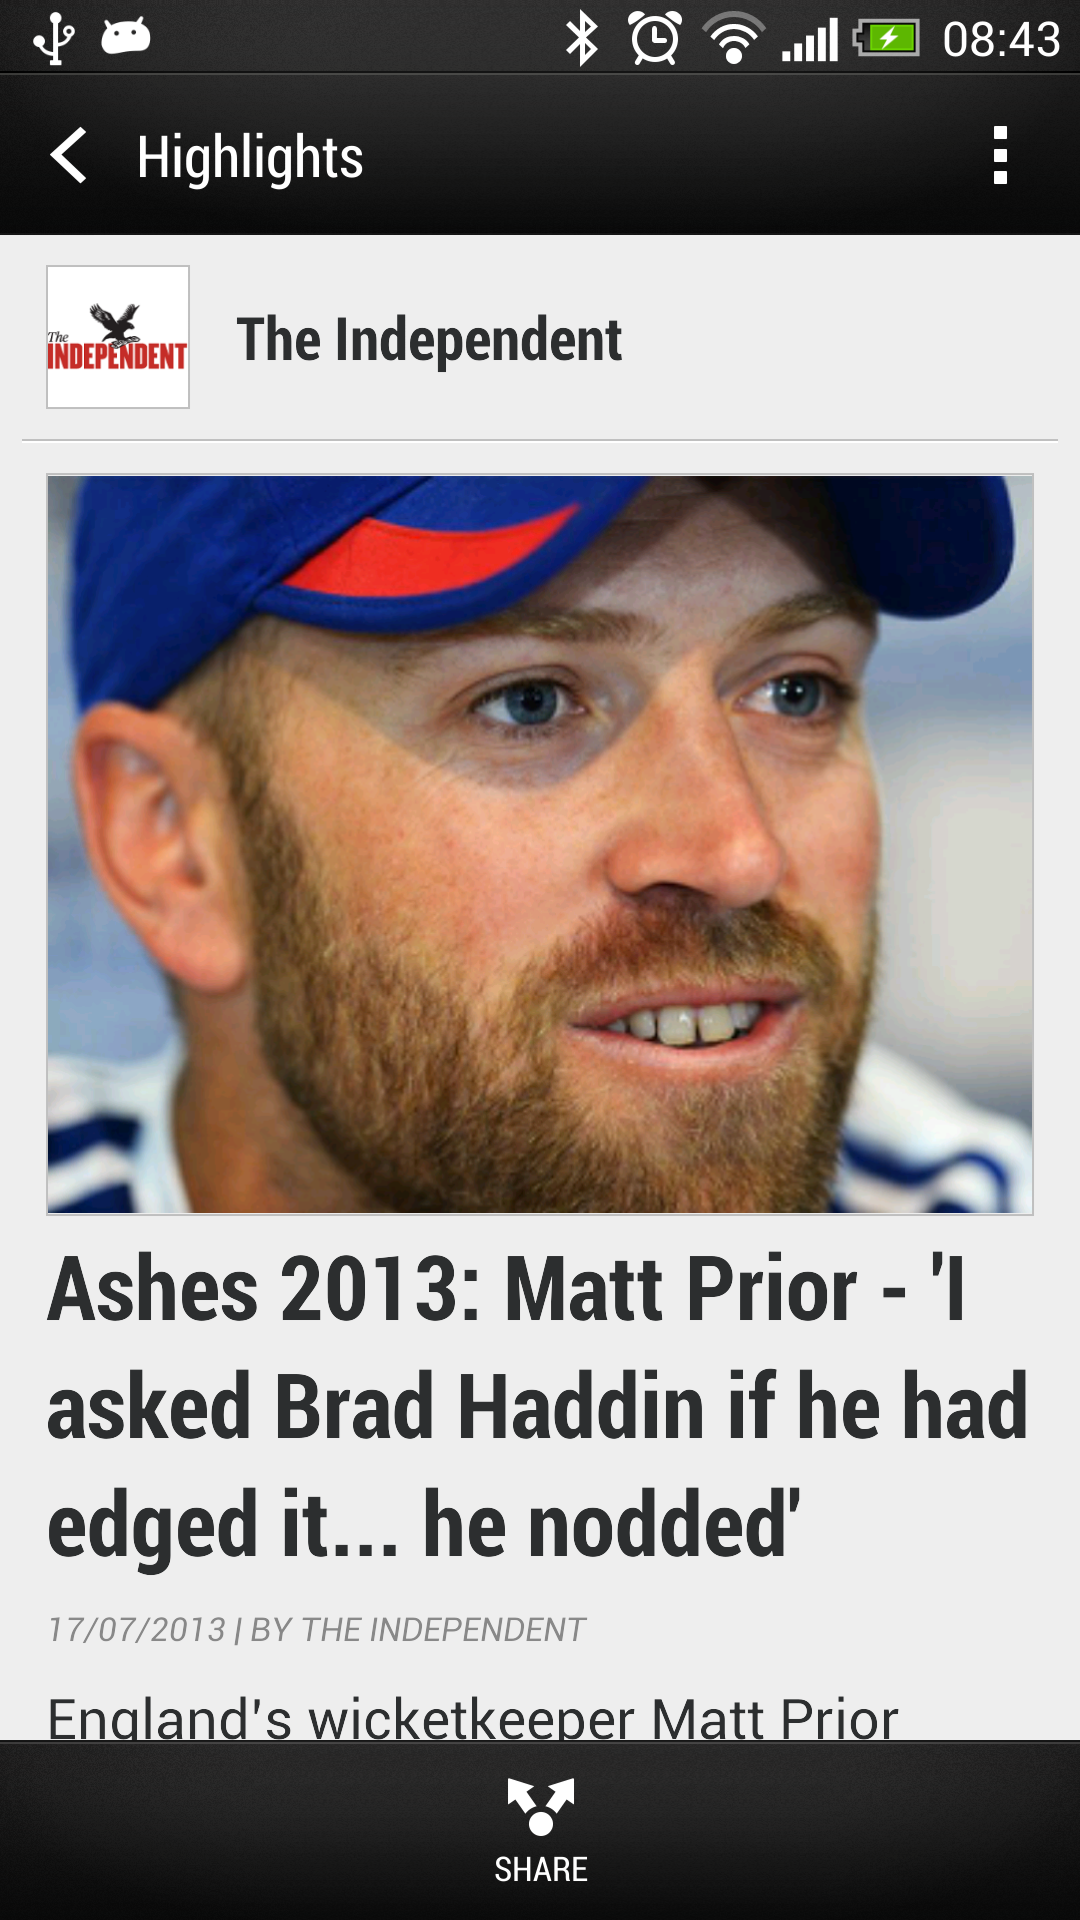 Argument over #ashes http://t.co/5A5QqfznuW